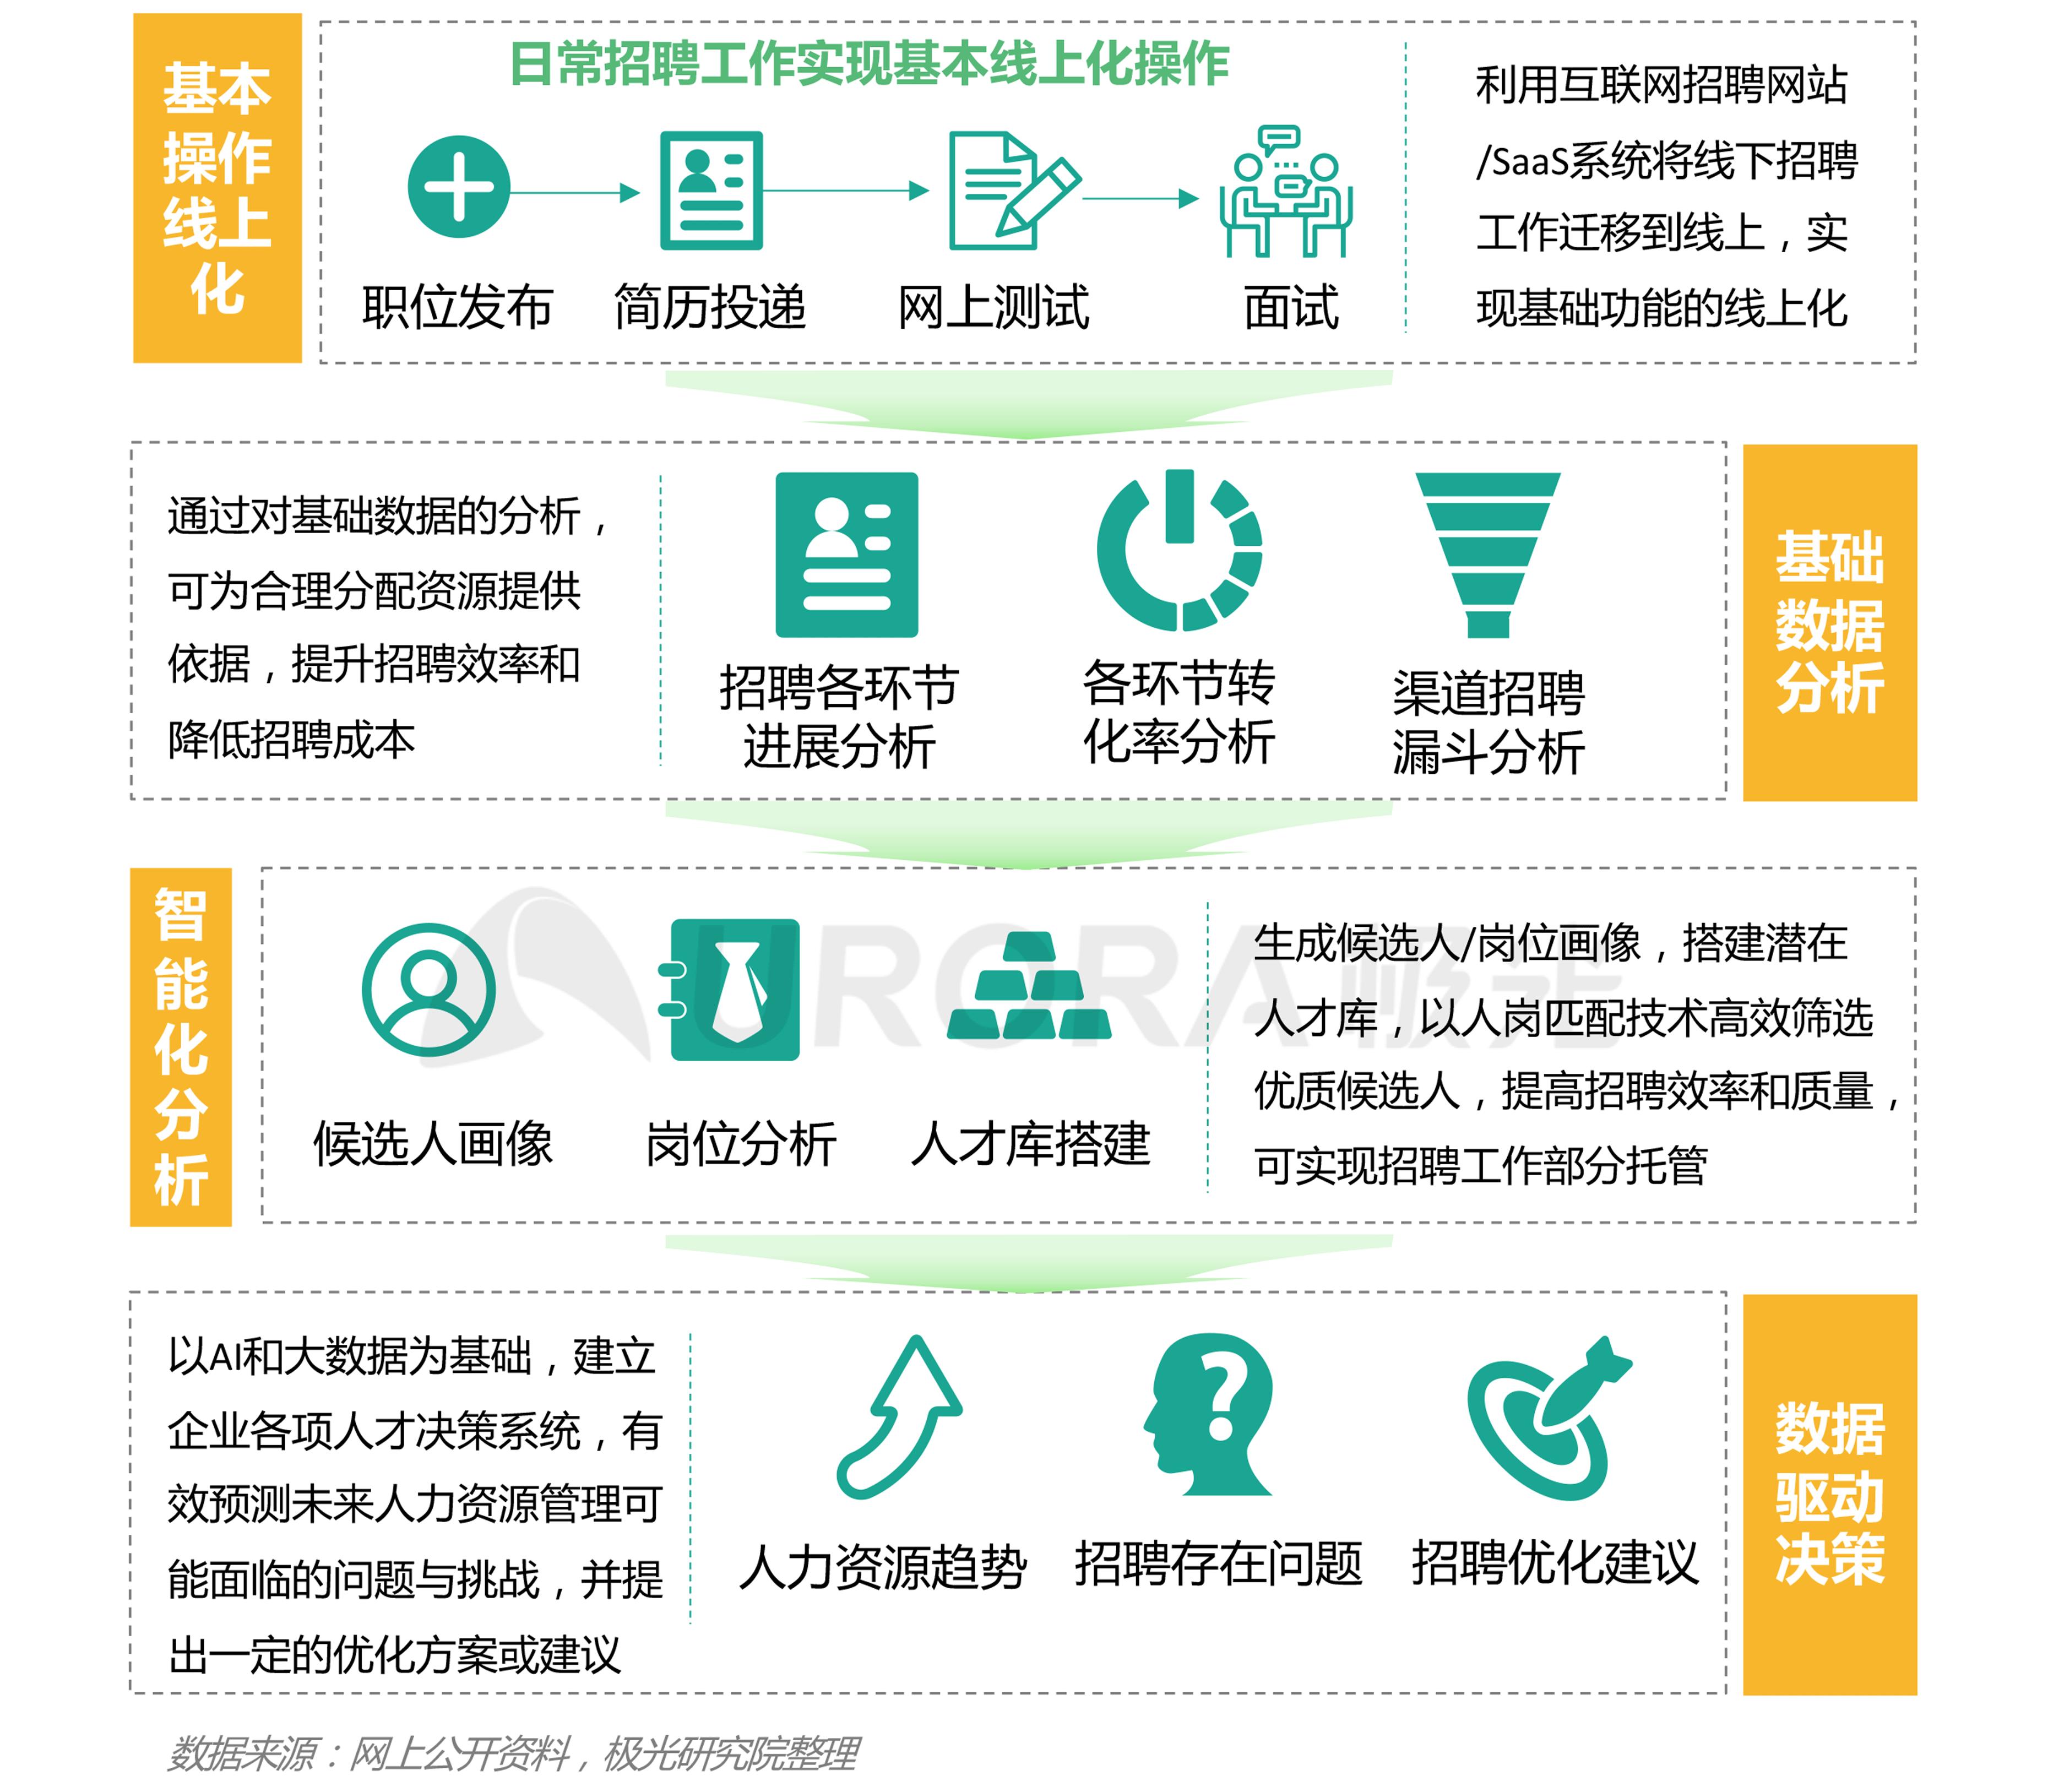 """""""超职季""""招聘行业报告-汇总版 (28).png"""